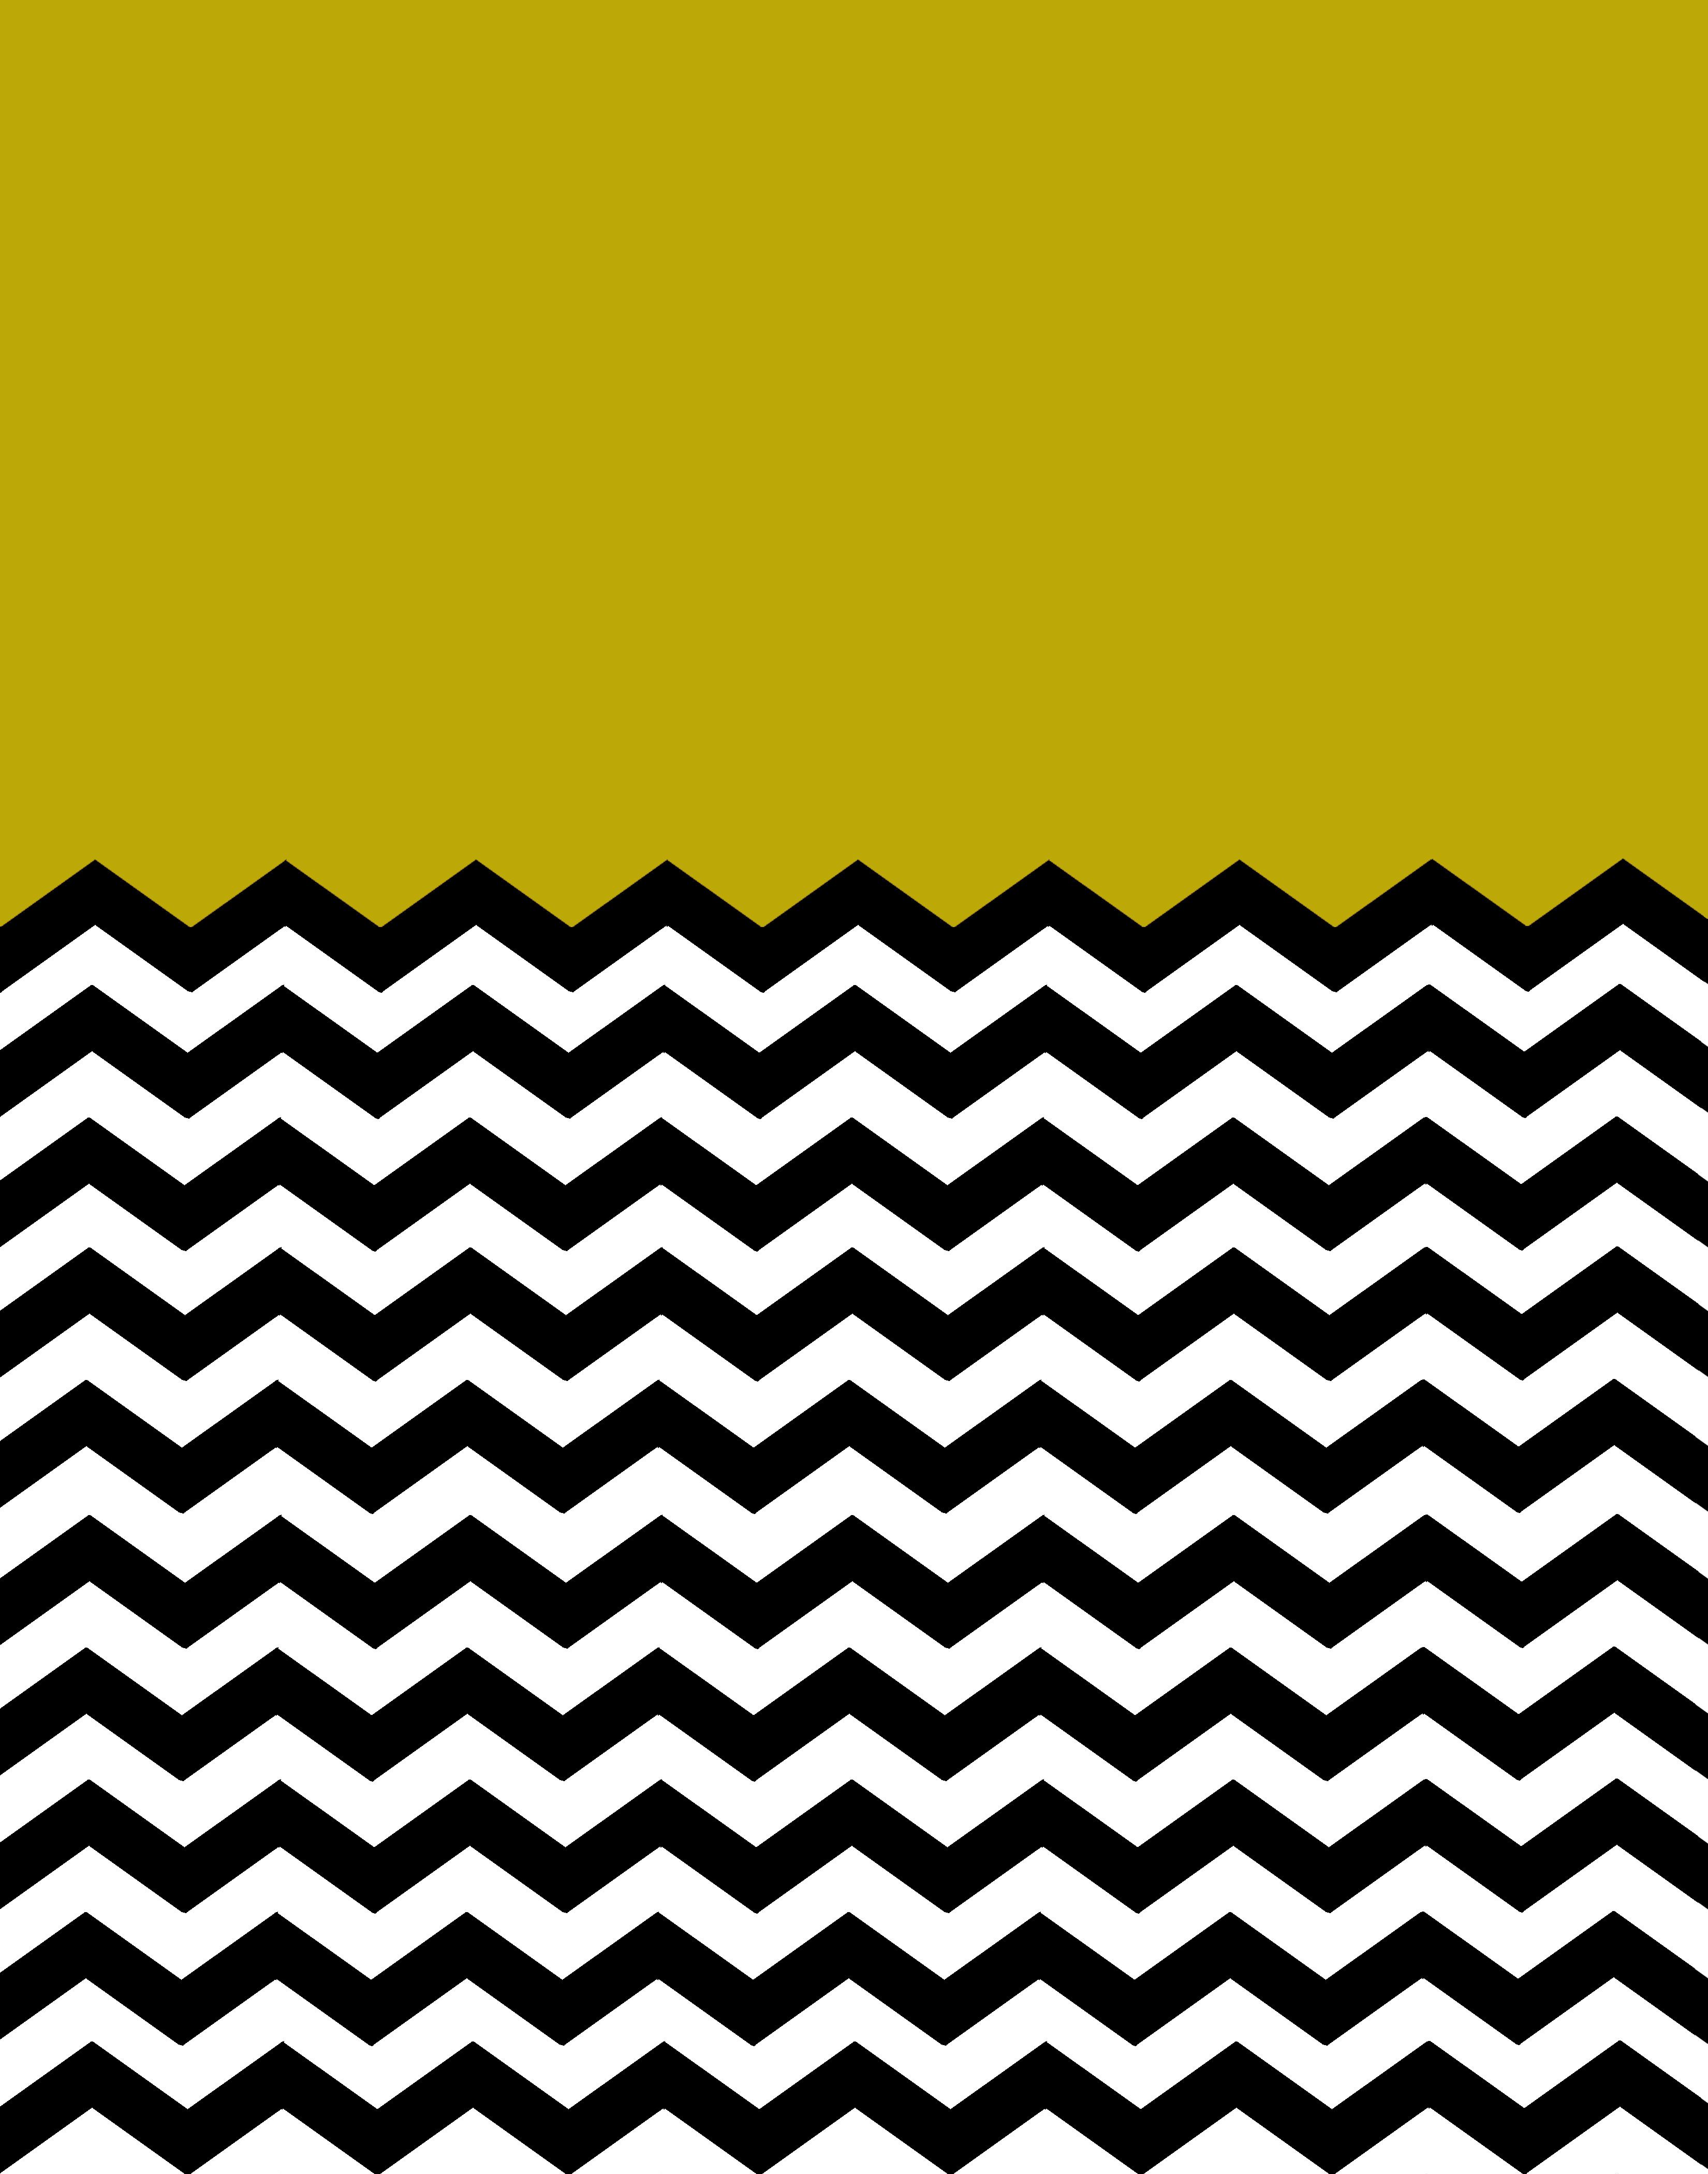 Mustard Yellow Chevron Background 2 2016